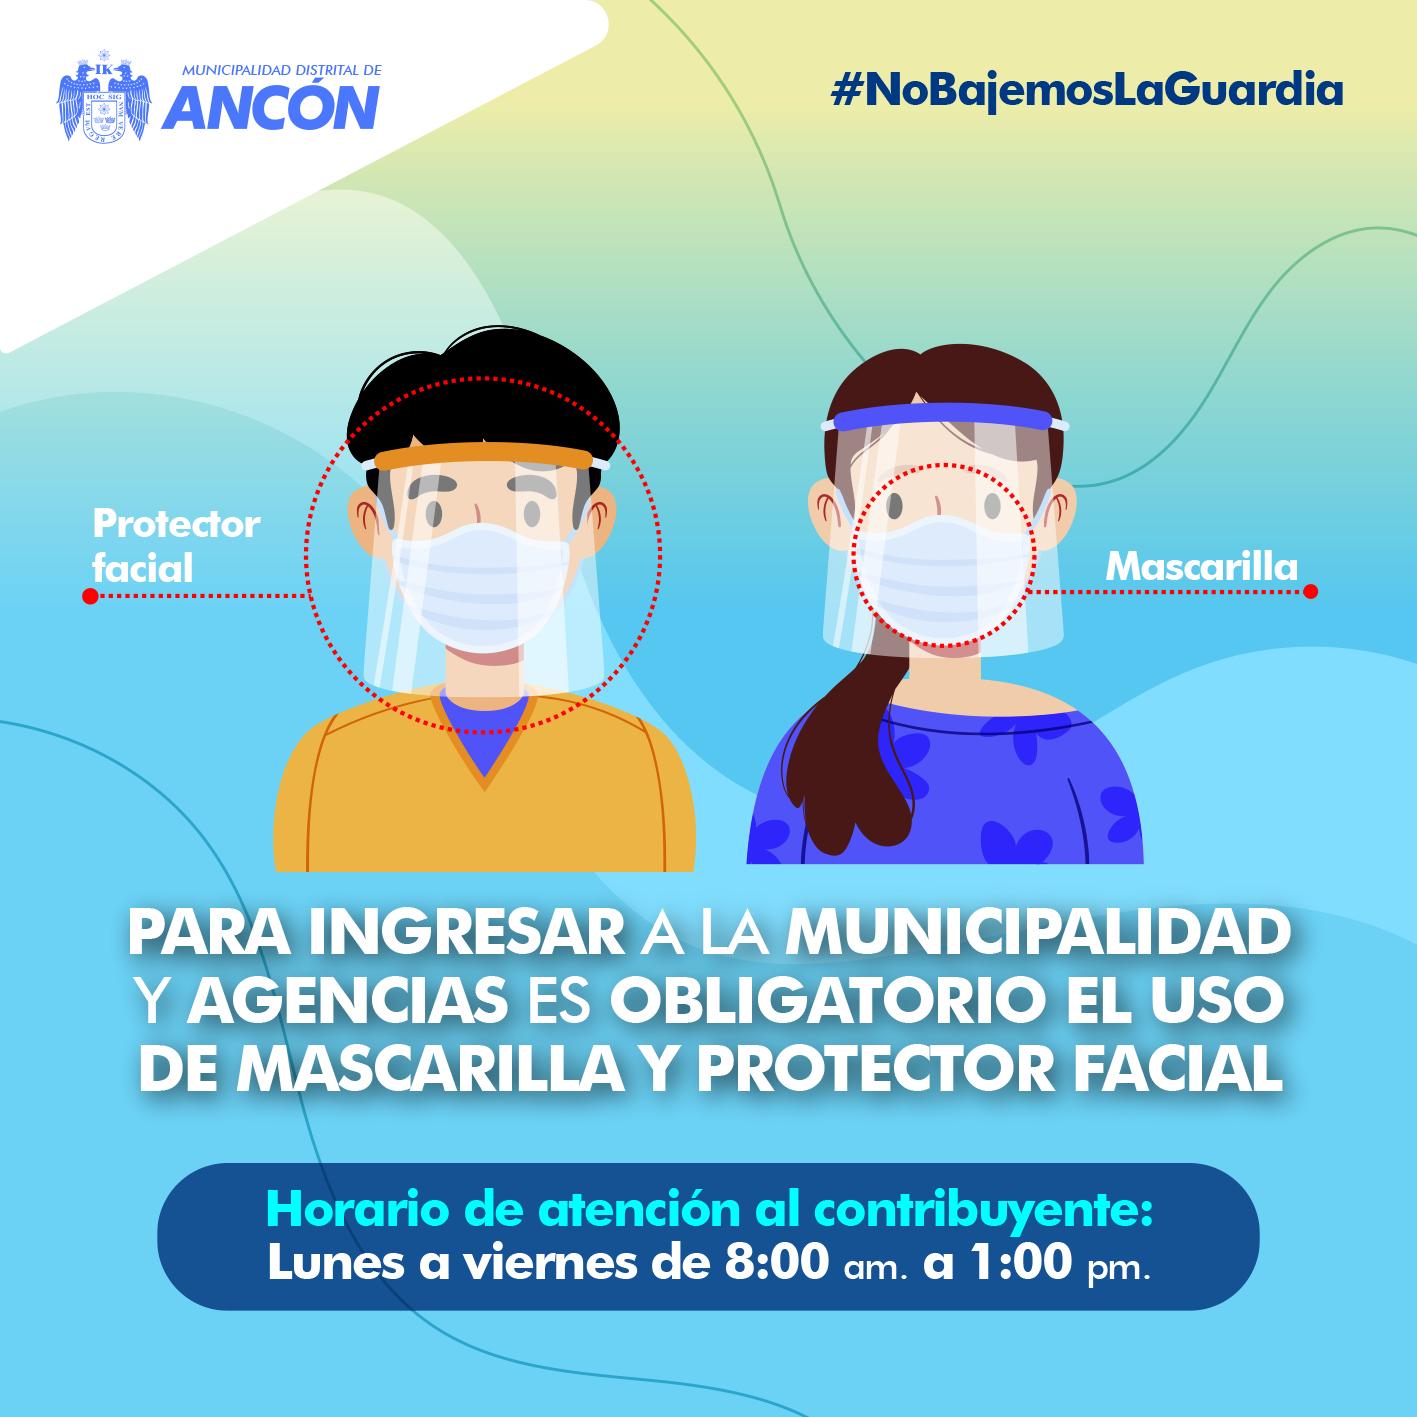 Protector facial oblogatorio